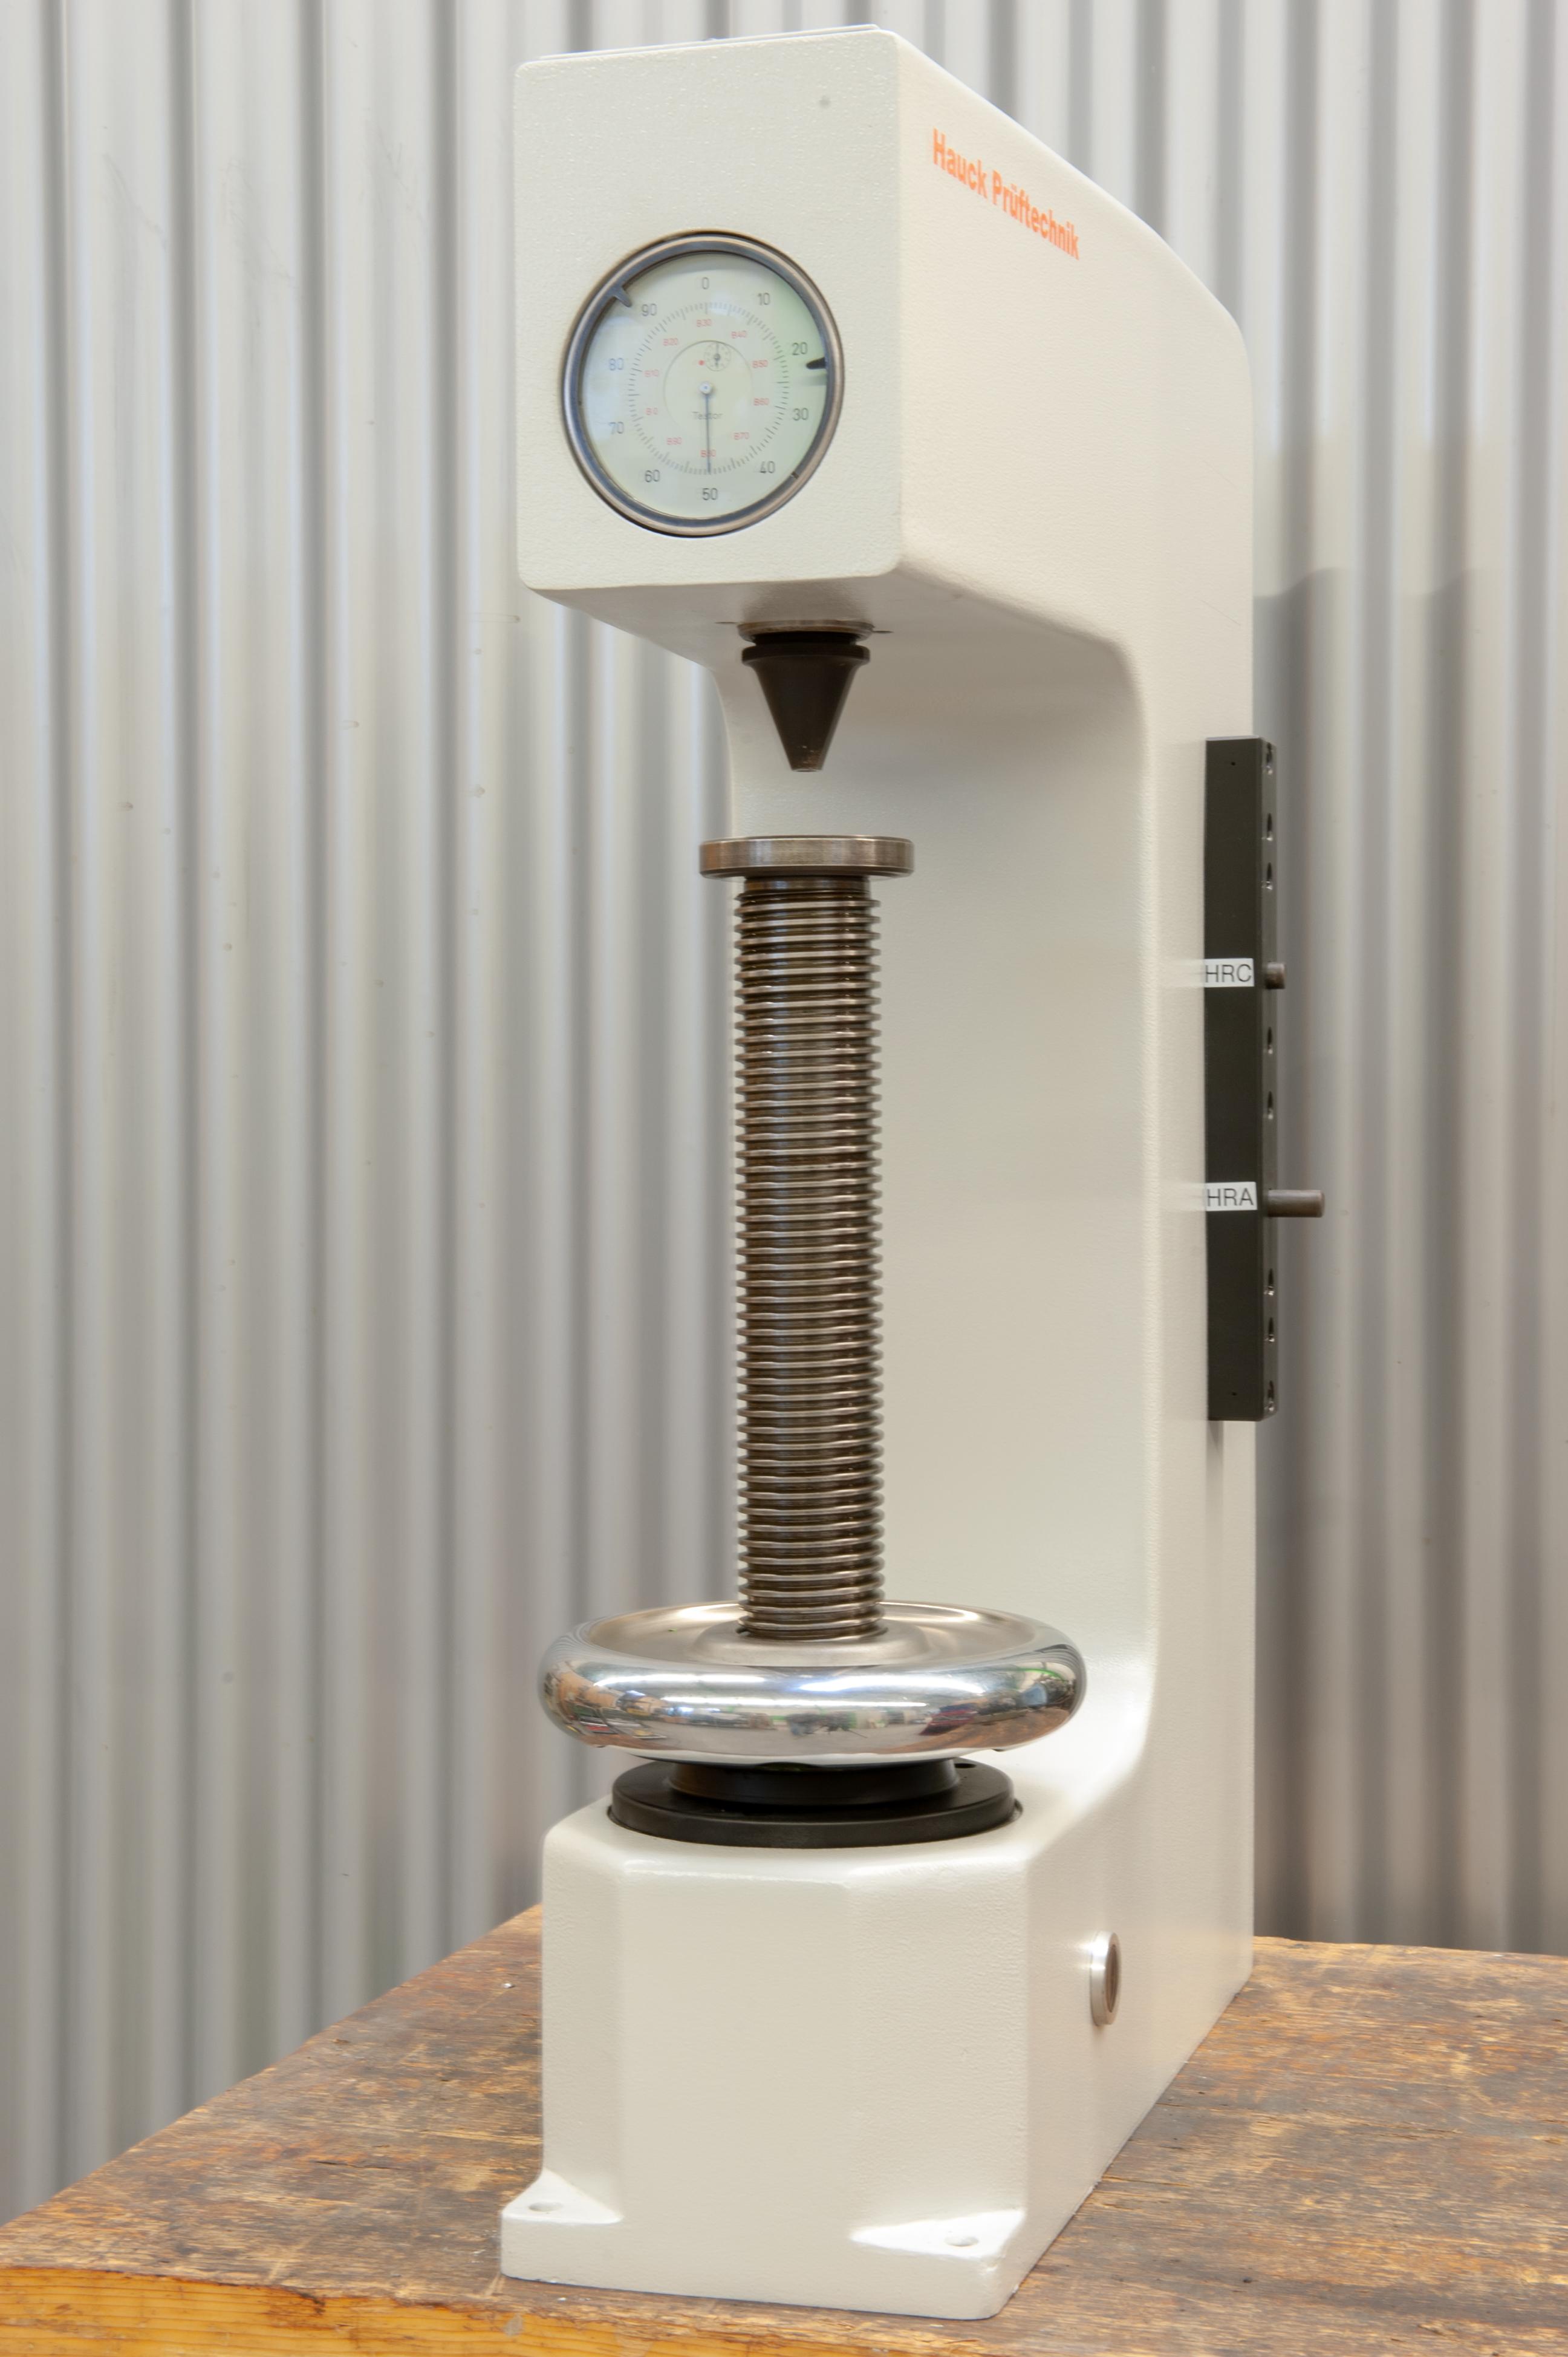 Härteprüfmaschine Wolpert Testor HT2001